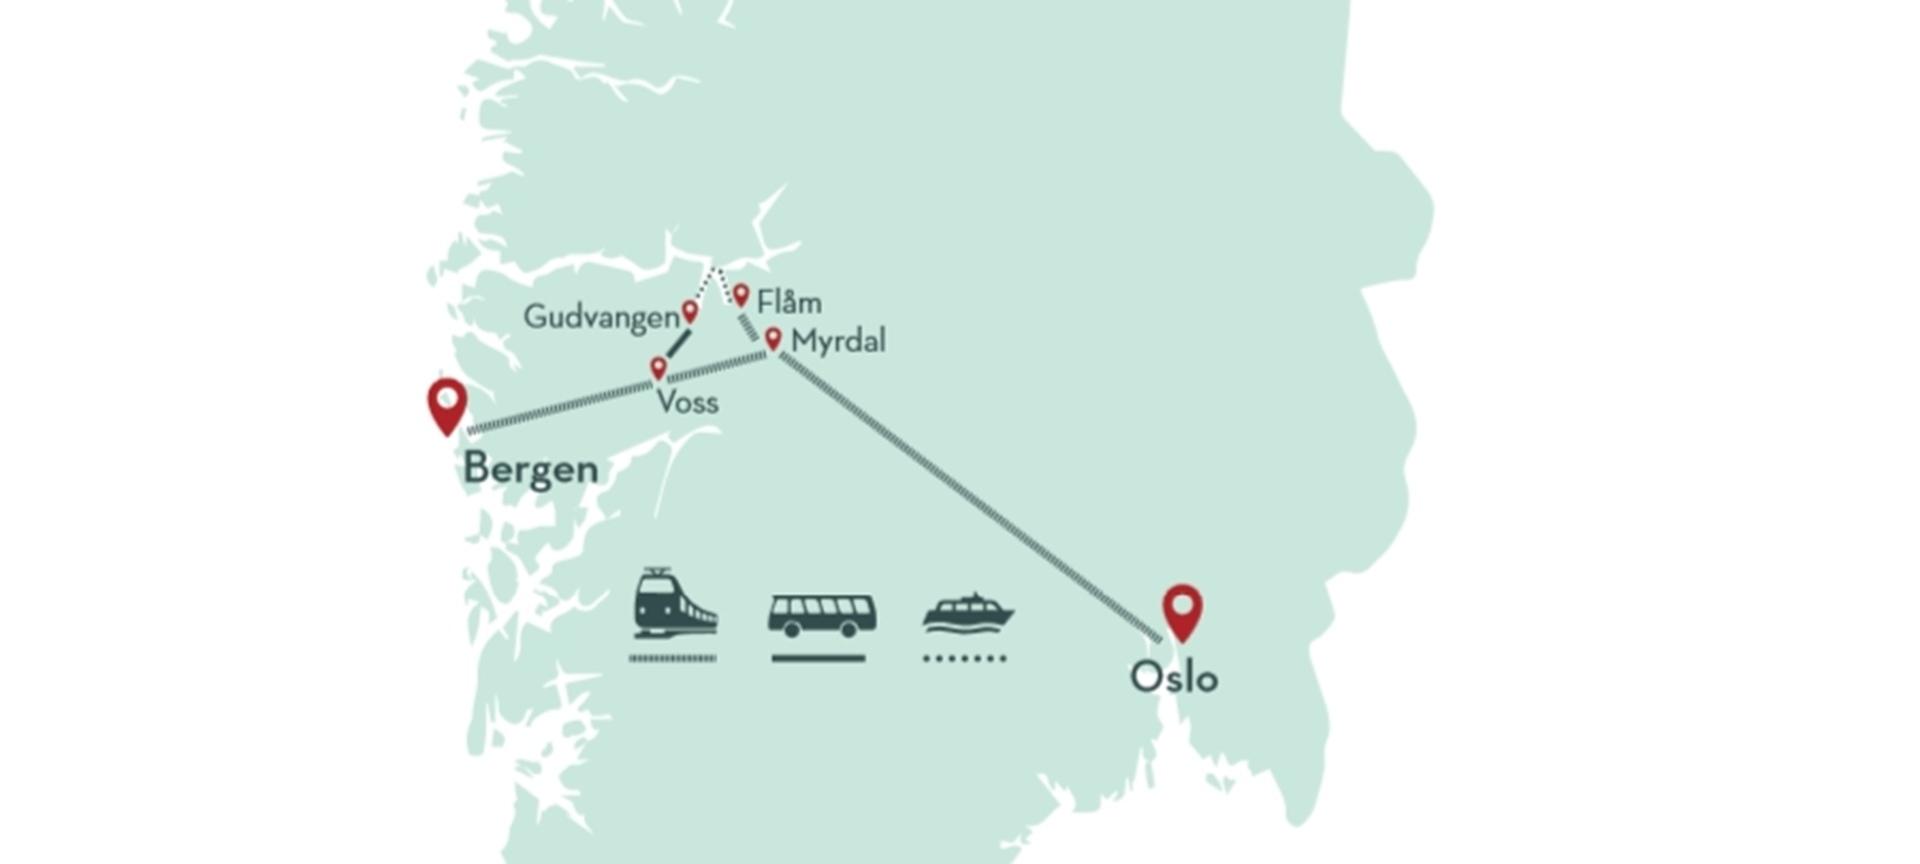 fjordtours-kart-nin